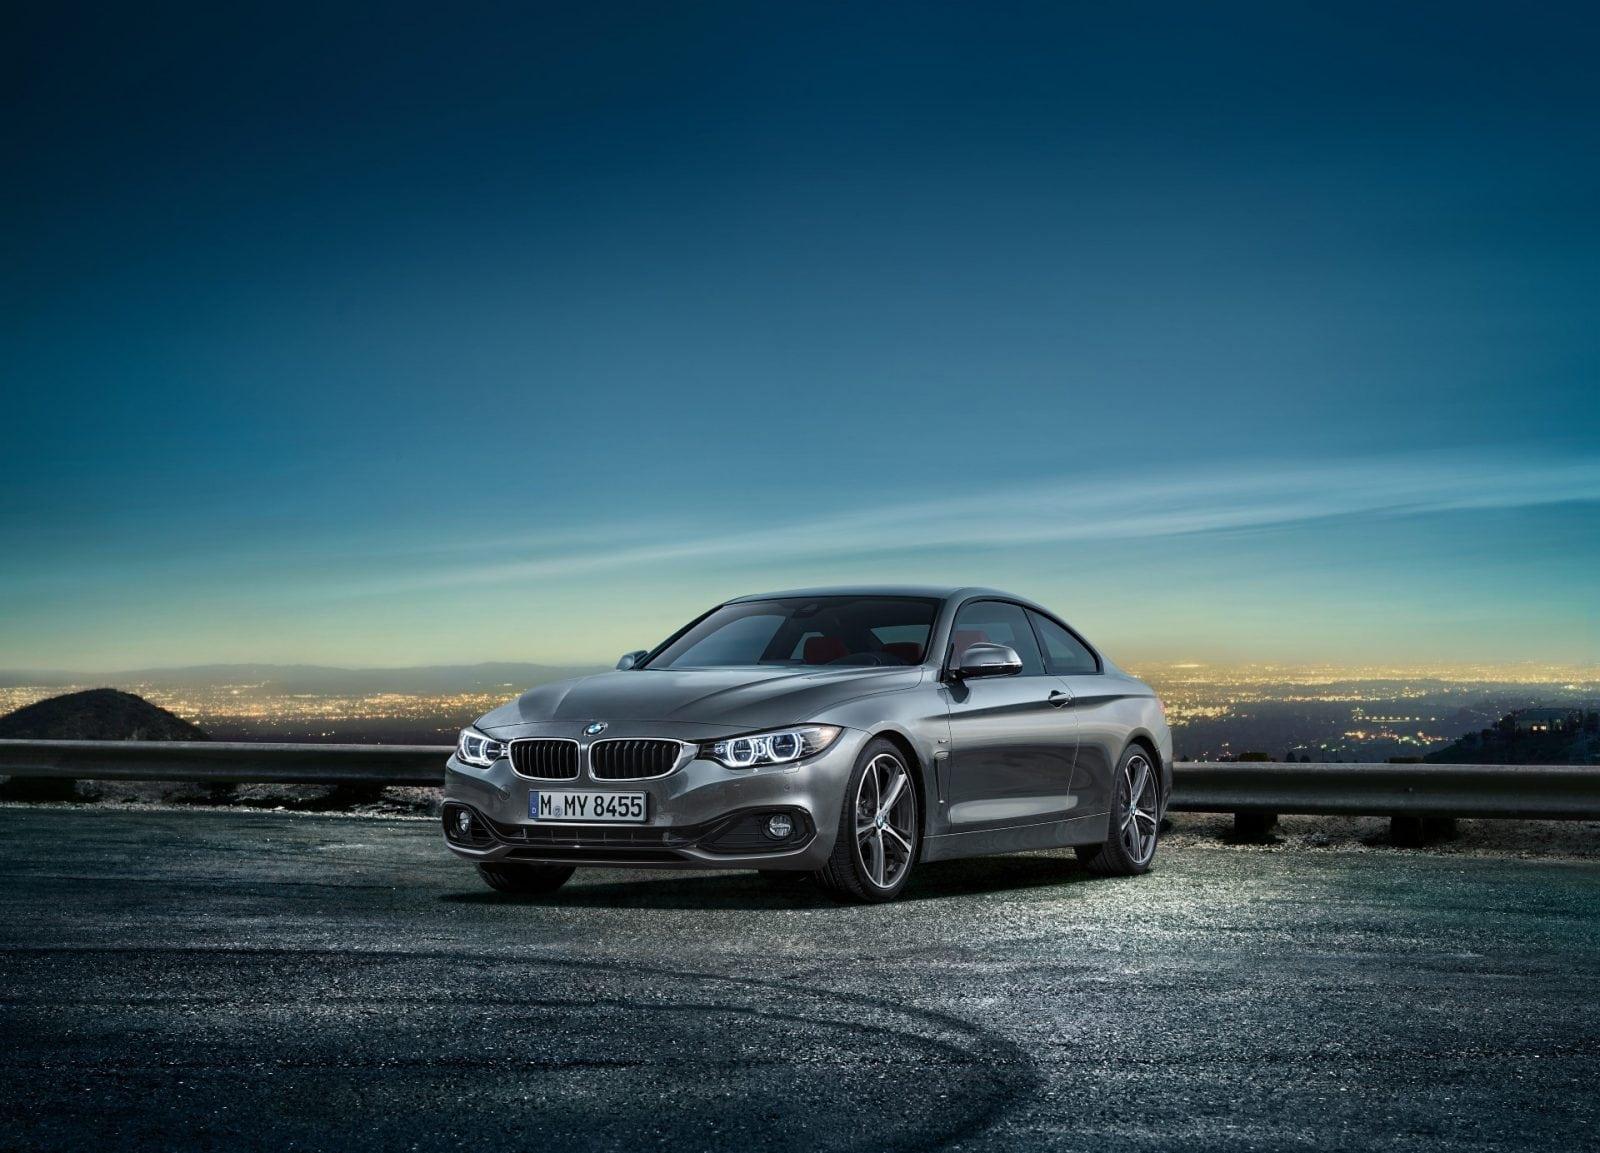 Обои BMW 4 серии в кузове F32 в высоком качестве